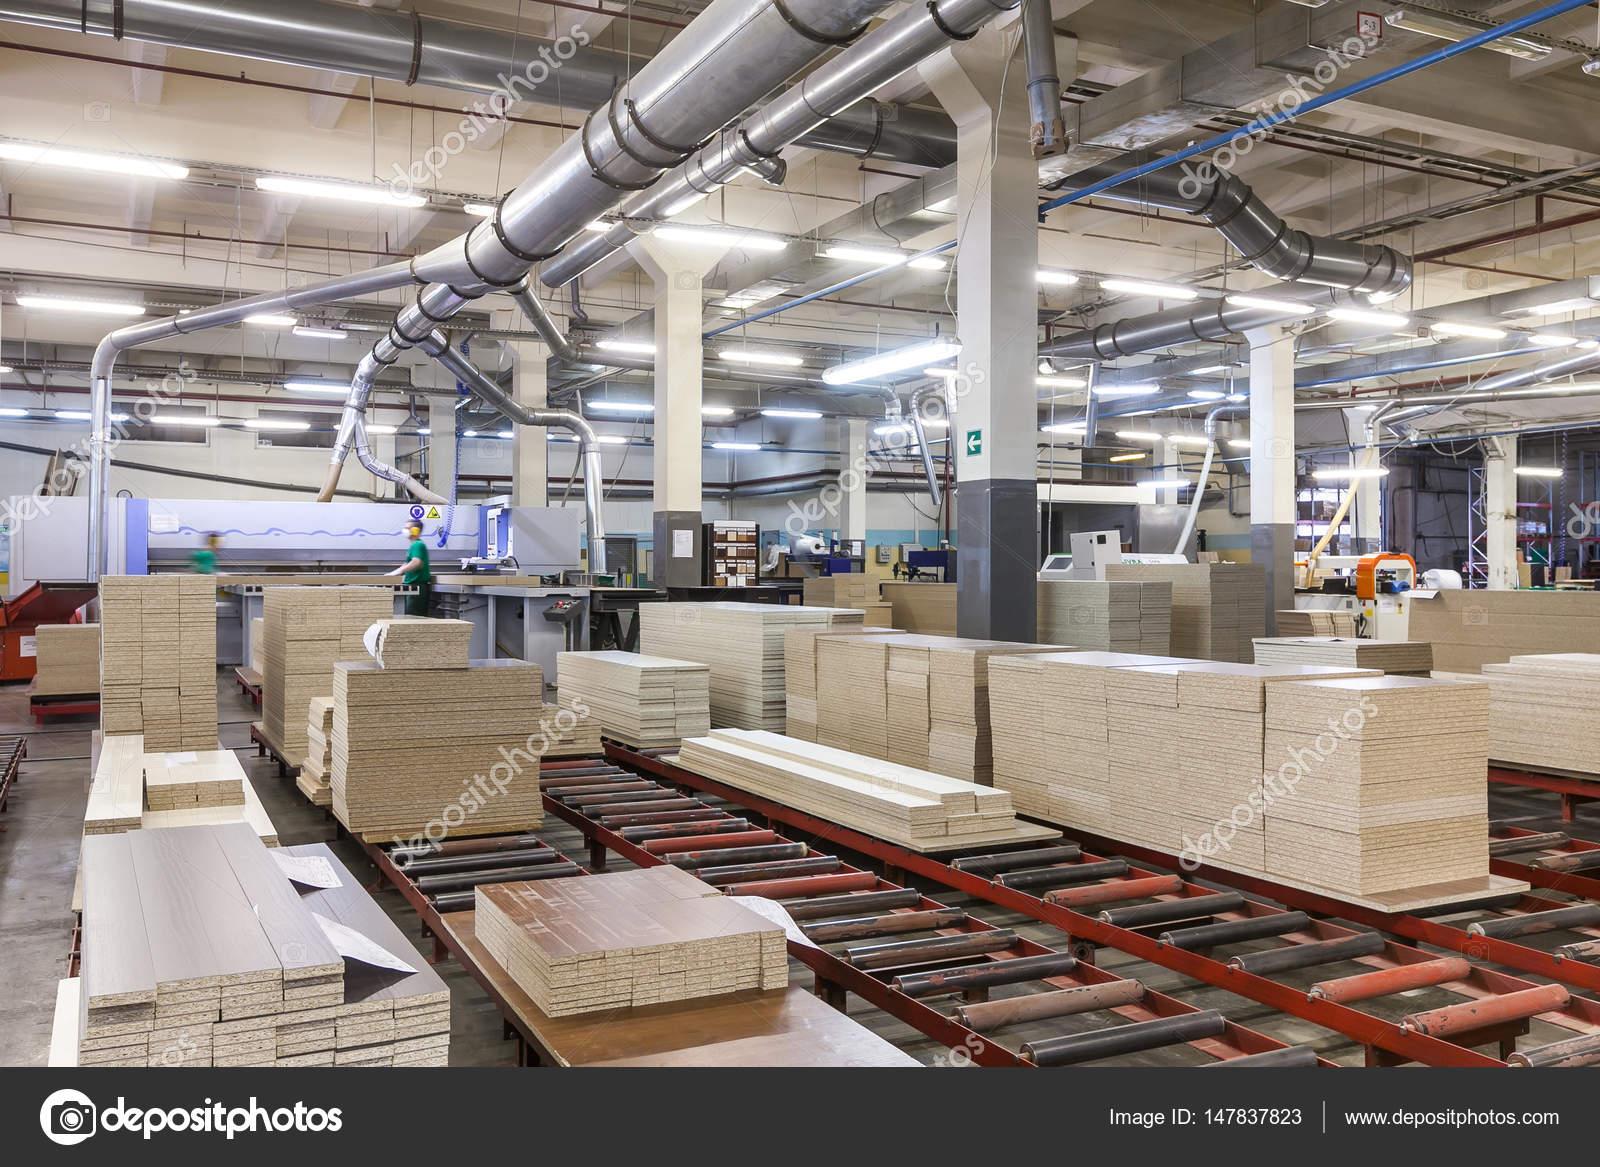 L nea de producci n de la f brica de muebles foto for Muebles la fabrica precios